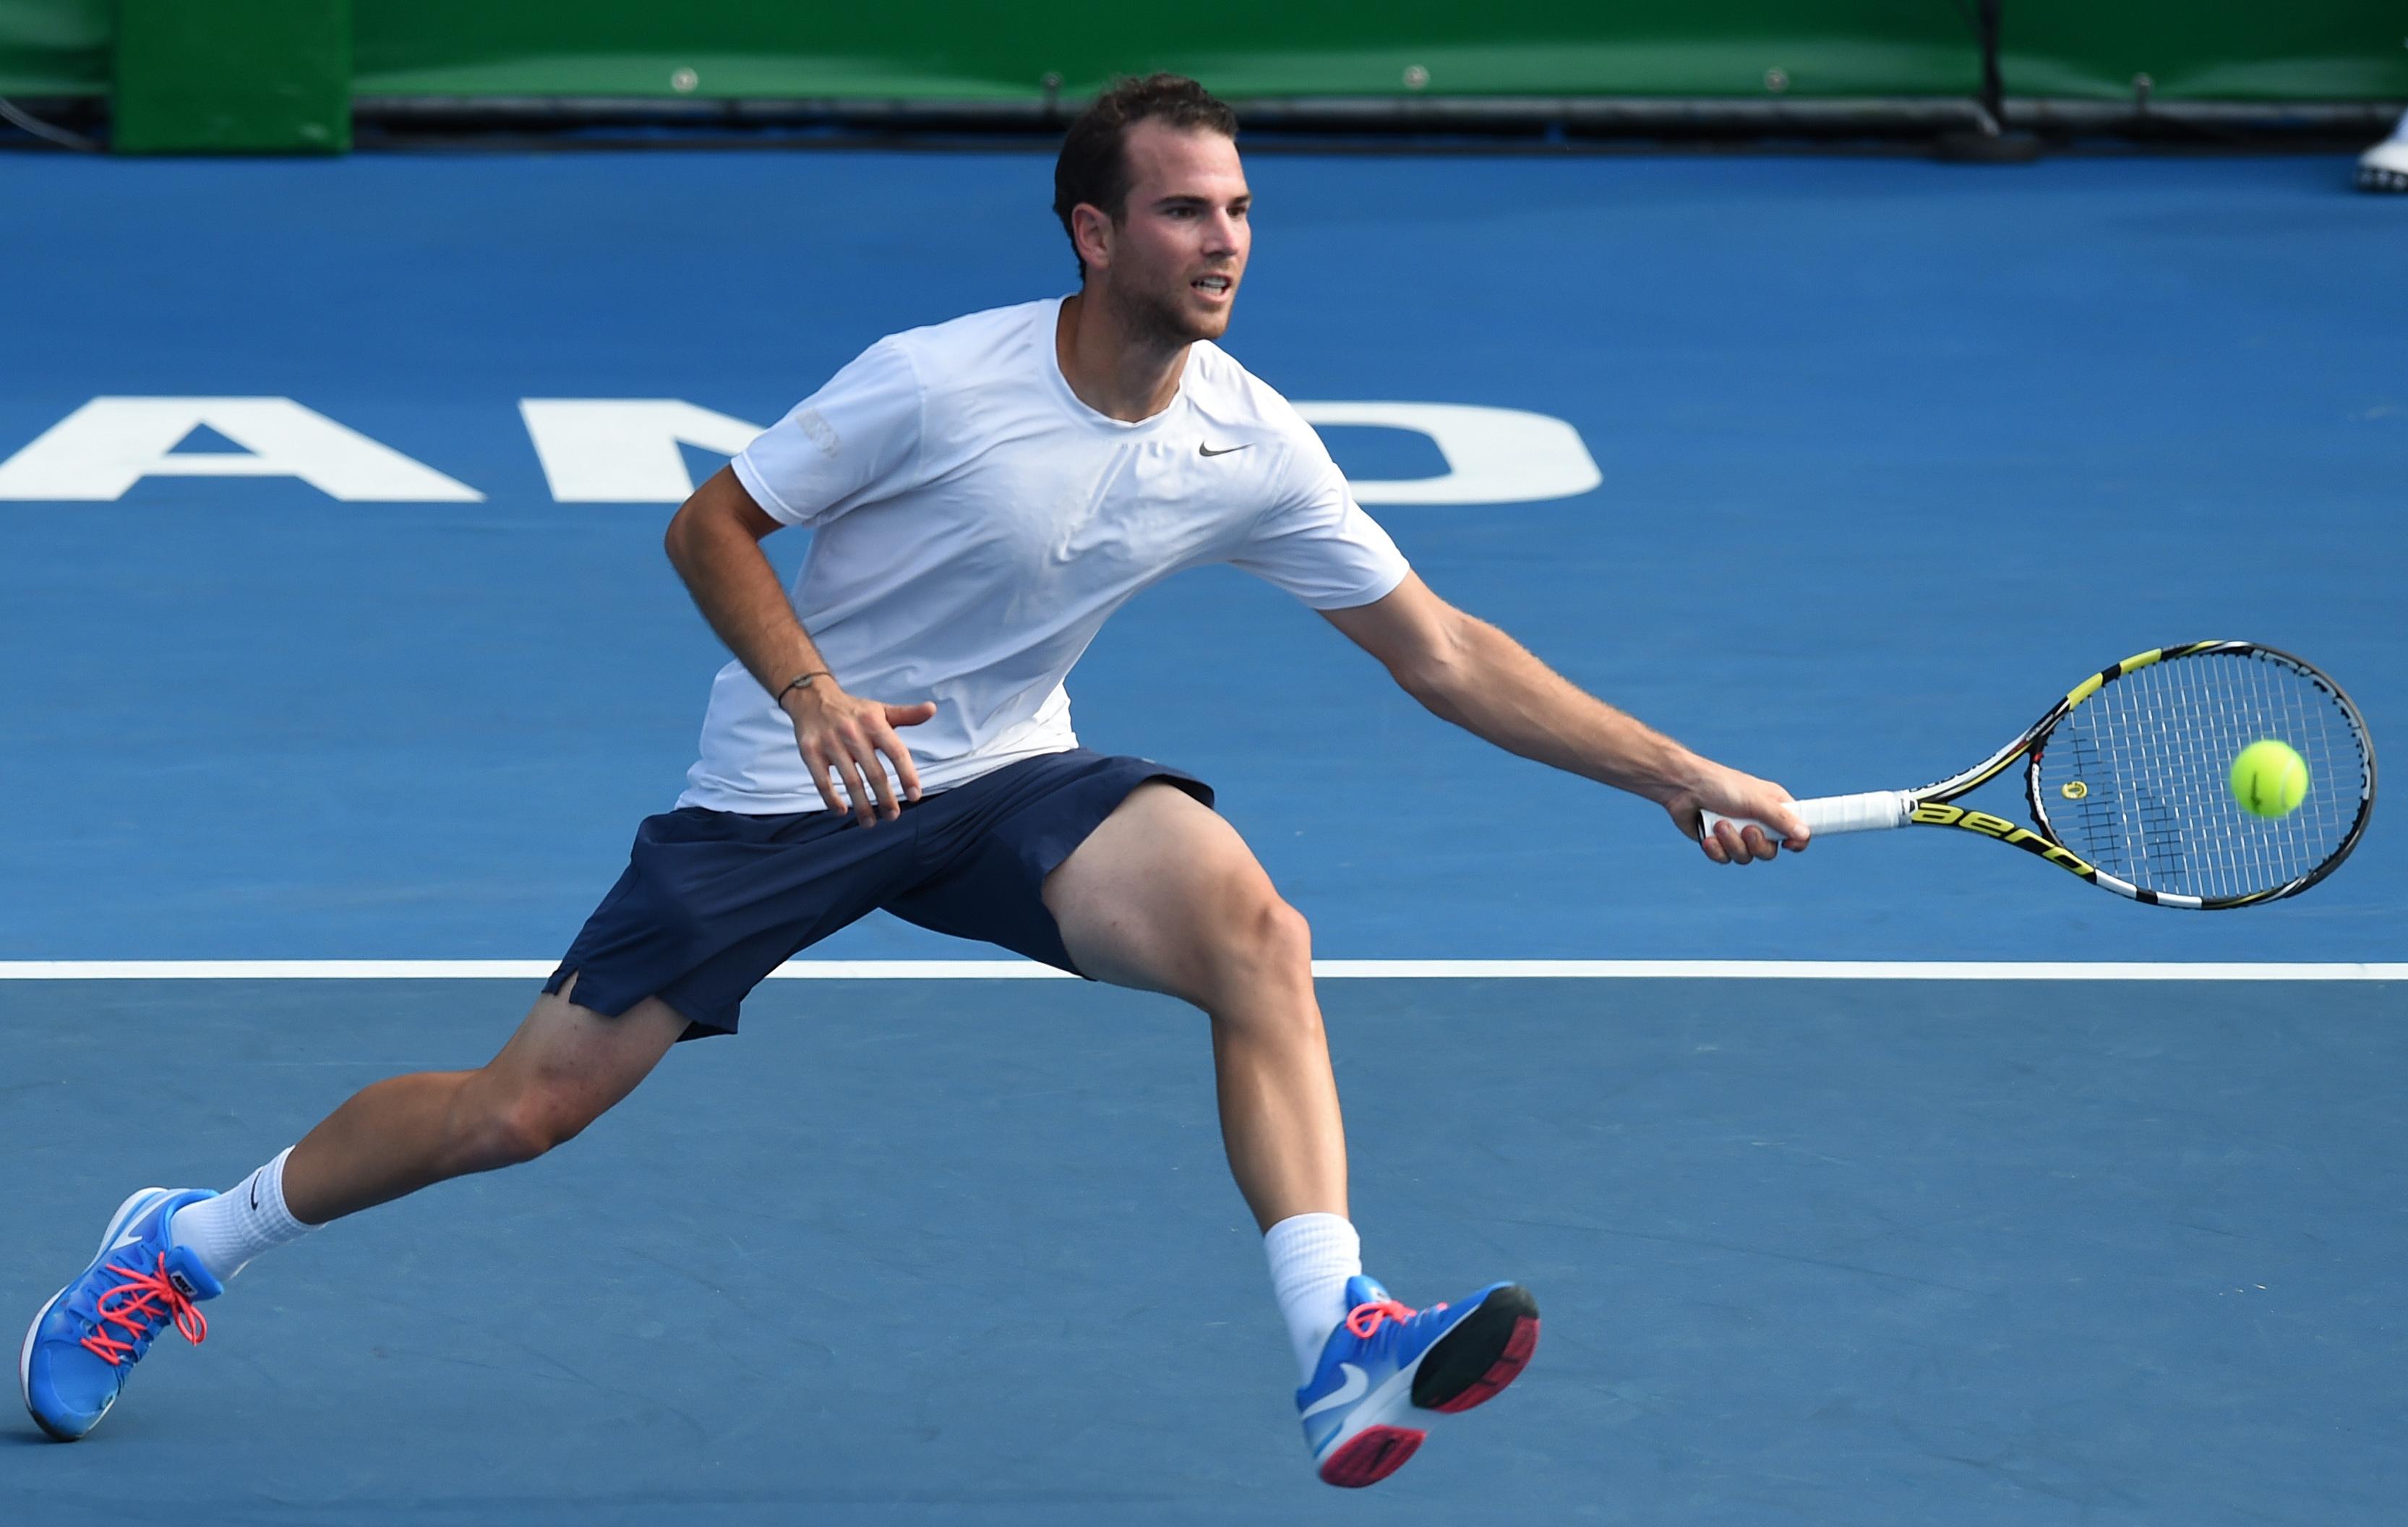 Tennis : ATP - </b>Mannarino balay&#233; en finale par Vesely